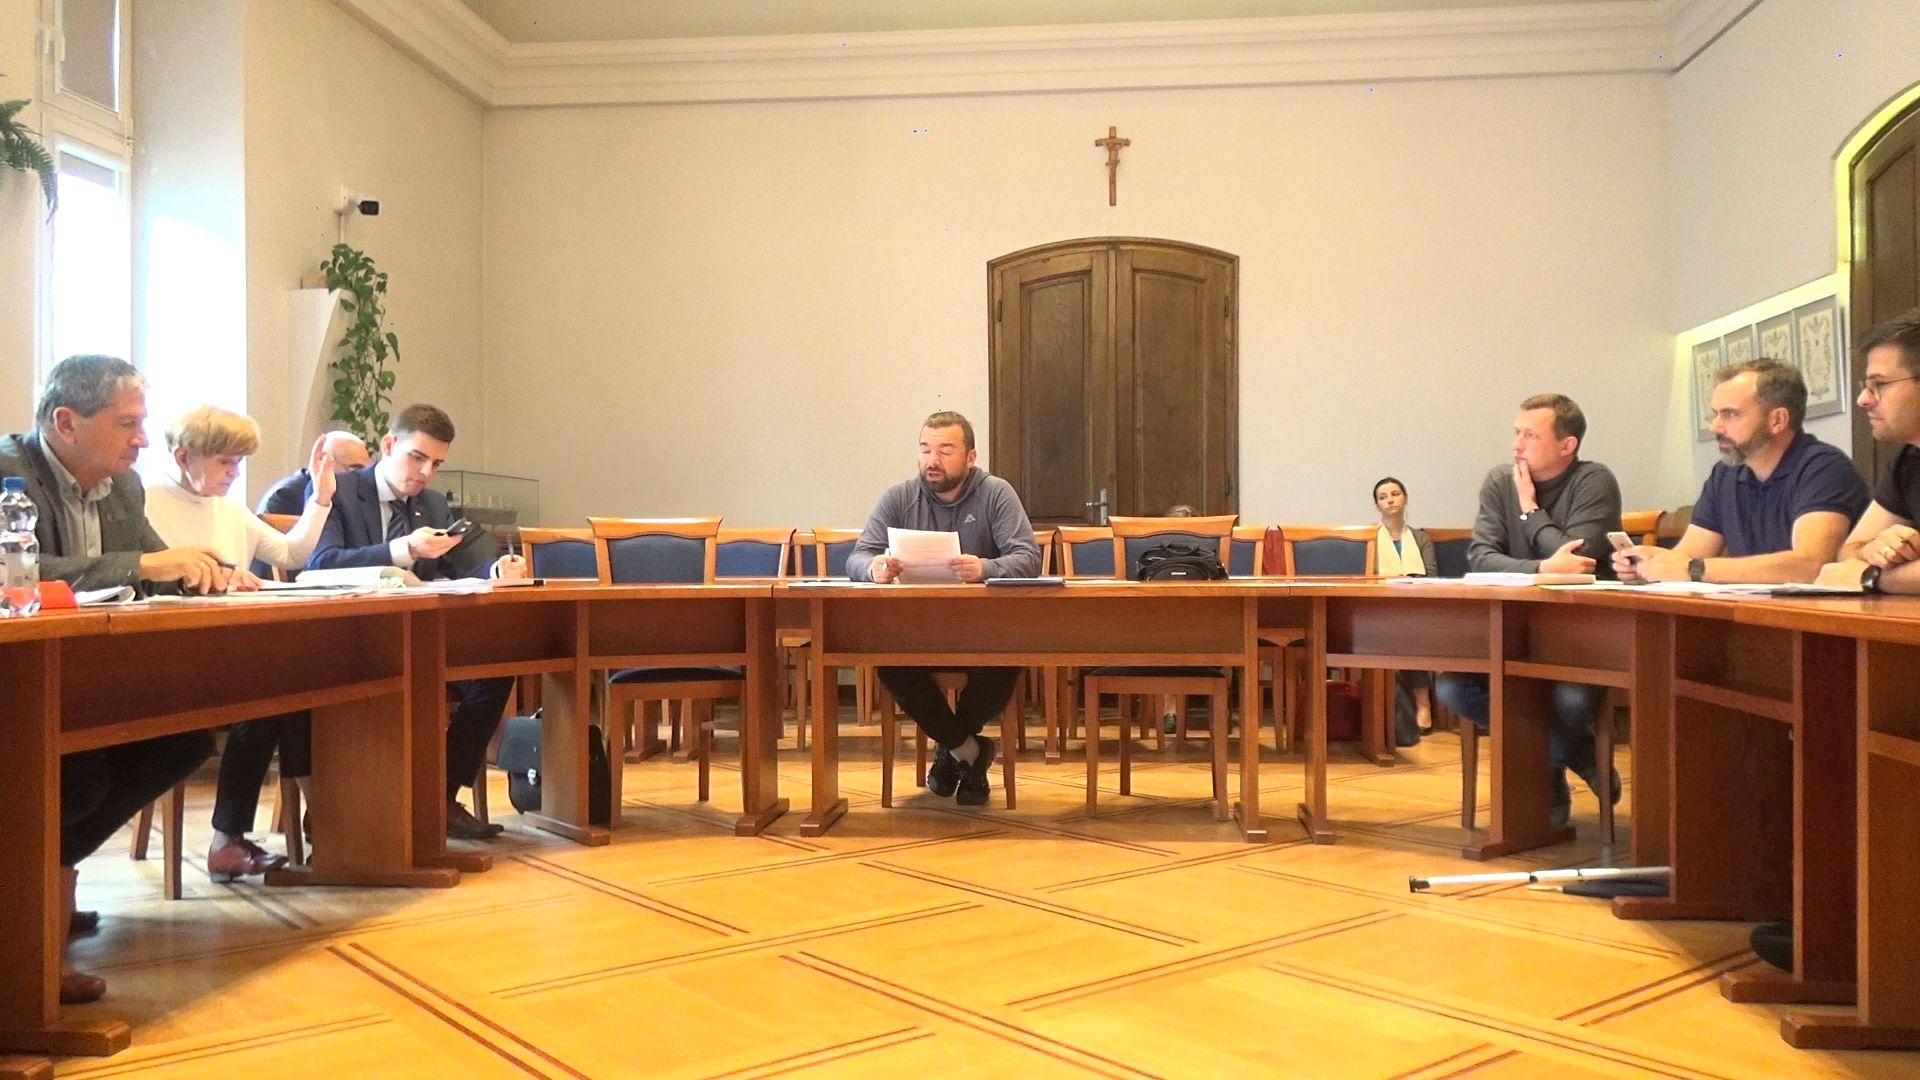 Radni PiS chcą odwołać Klinowskiego z funkcji przewodniczącego, bo ujawnił niewygodne fakty?